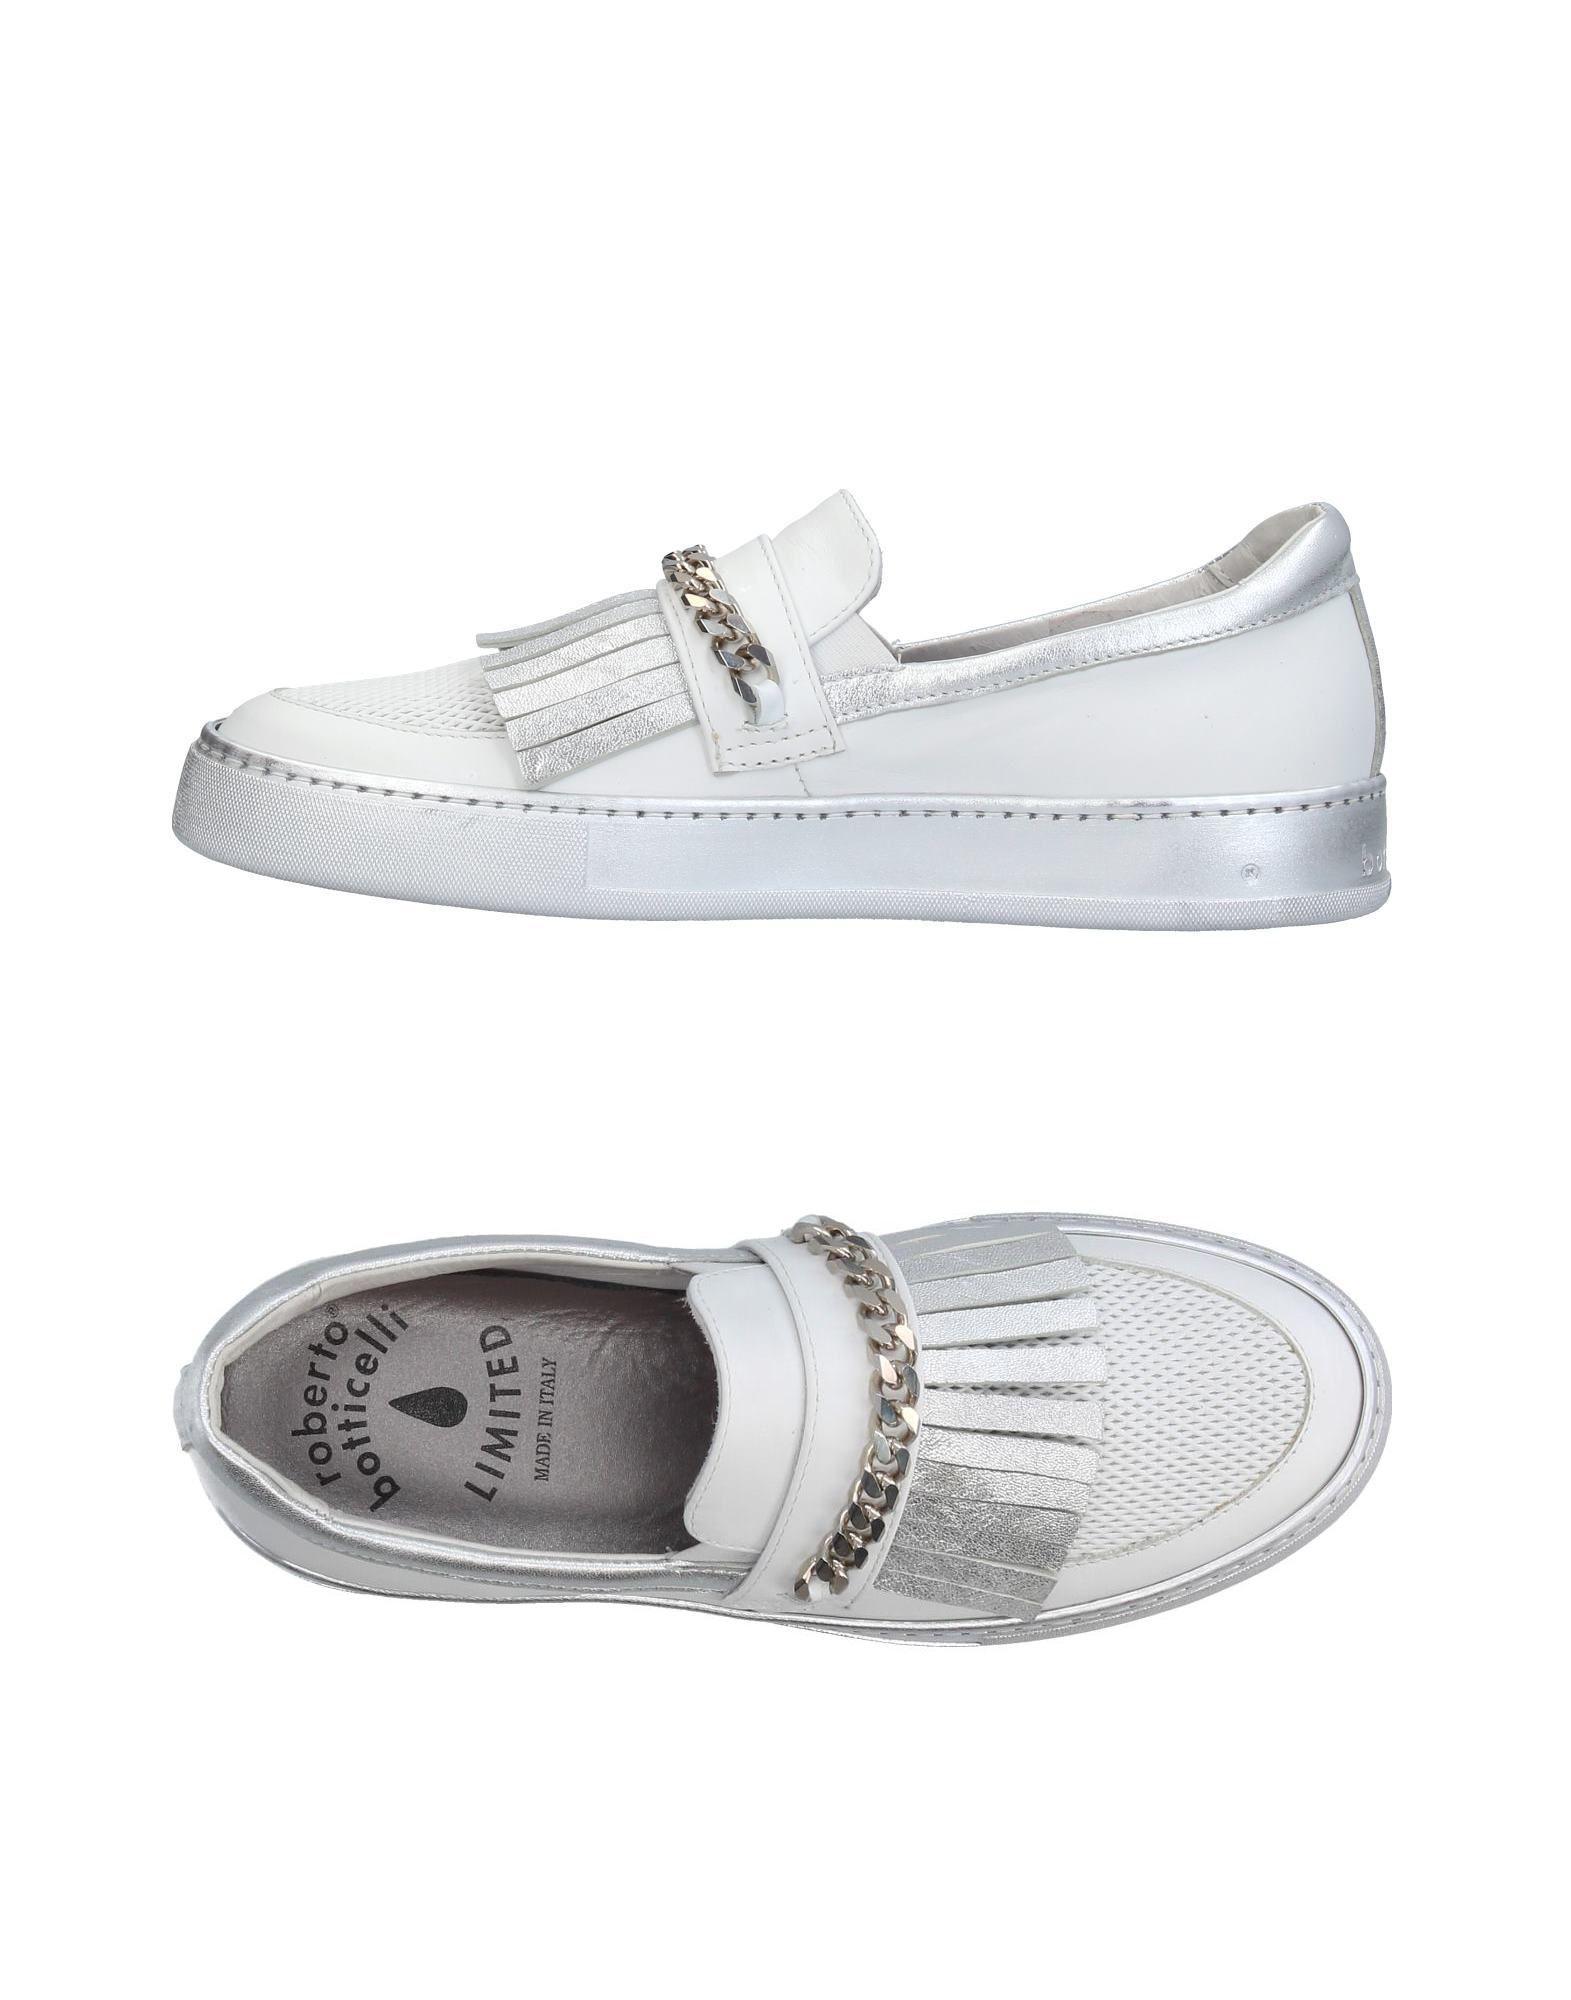 FOOTWEAR - Low-tops & sneakers Botticelli Limited N9gsg